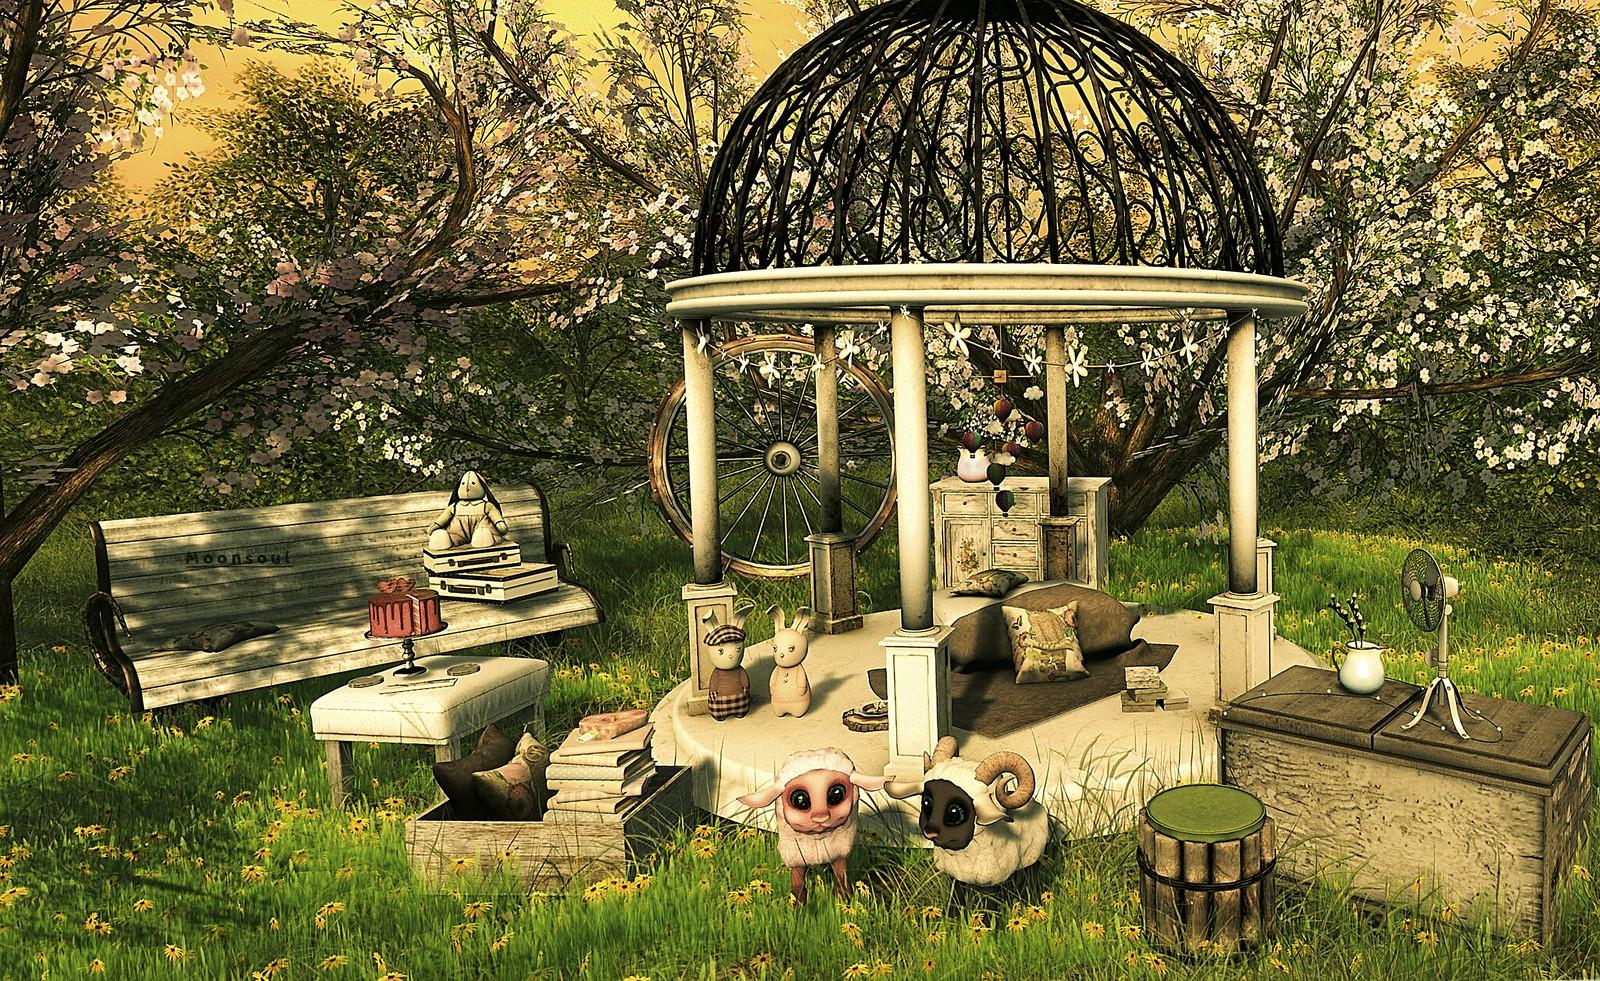 GOOSE---wheatered-Garden-kiosk-3a-web